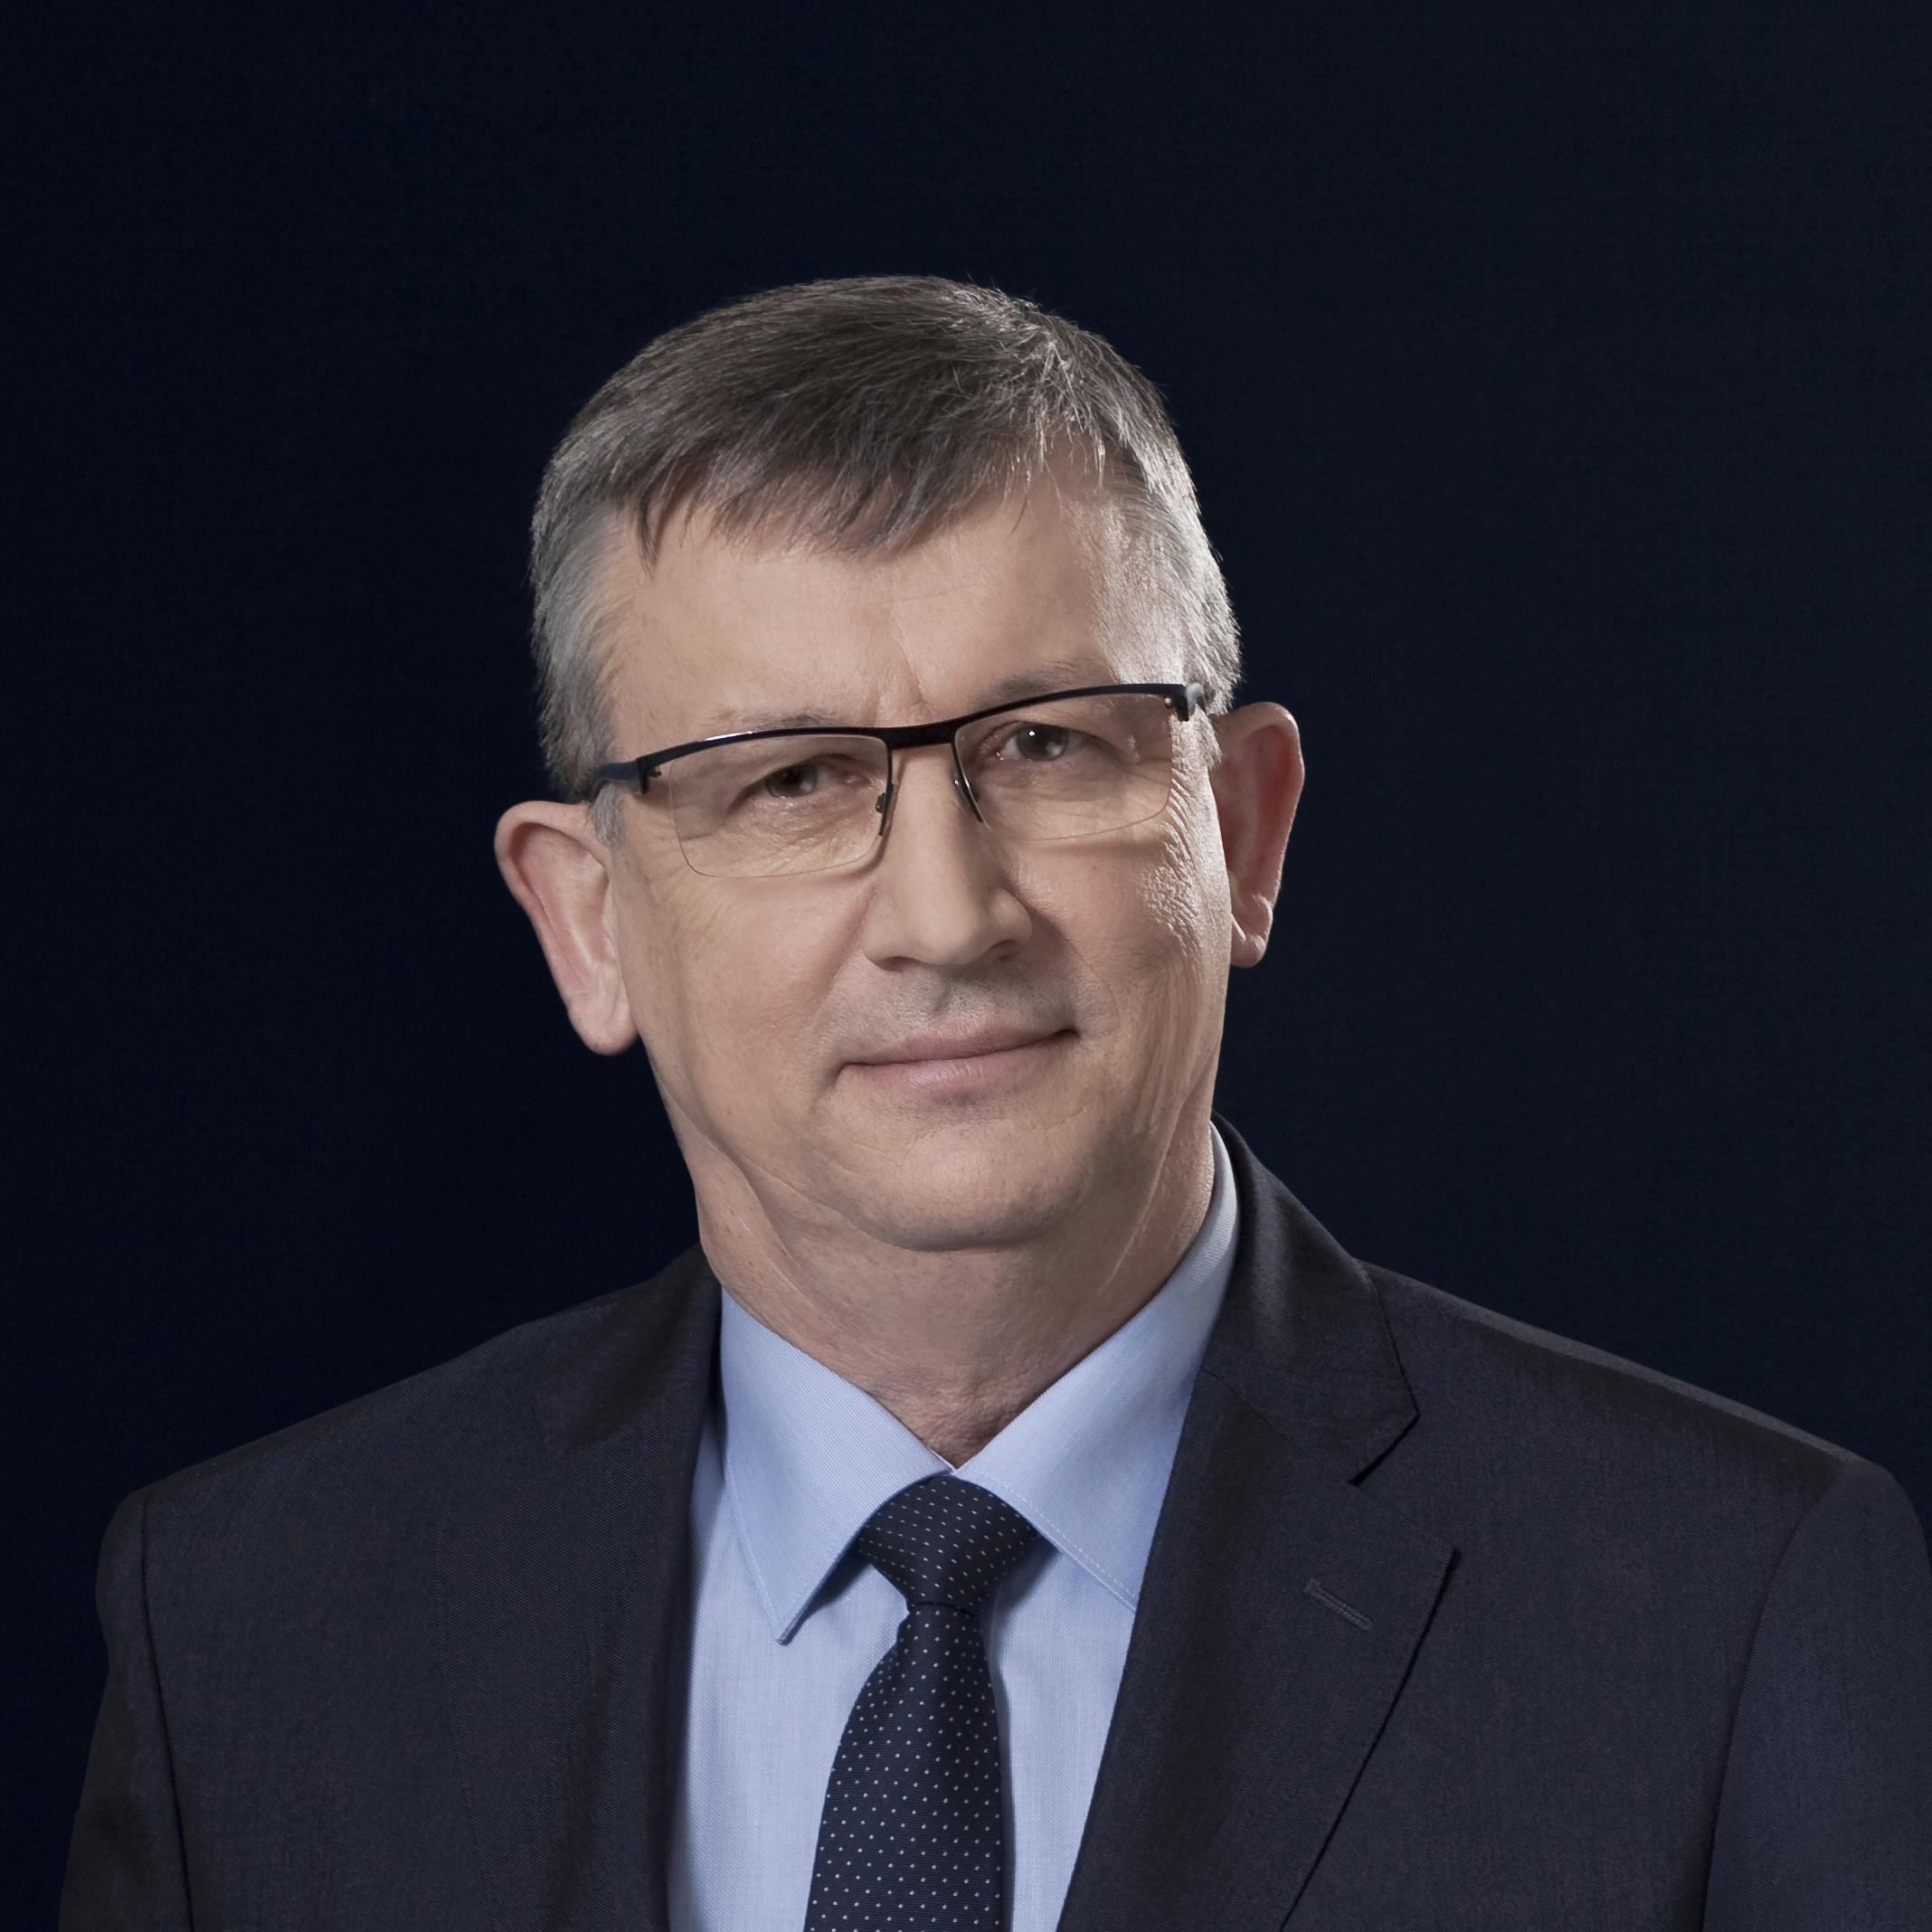 Prezes Plast-Boksu Grzegorz Pawlak nie ukrywa, że ubiegły rok stał pod znakiem wzrostu kosztów. Fot. mat. pras.